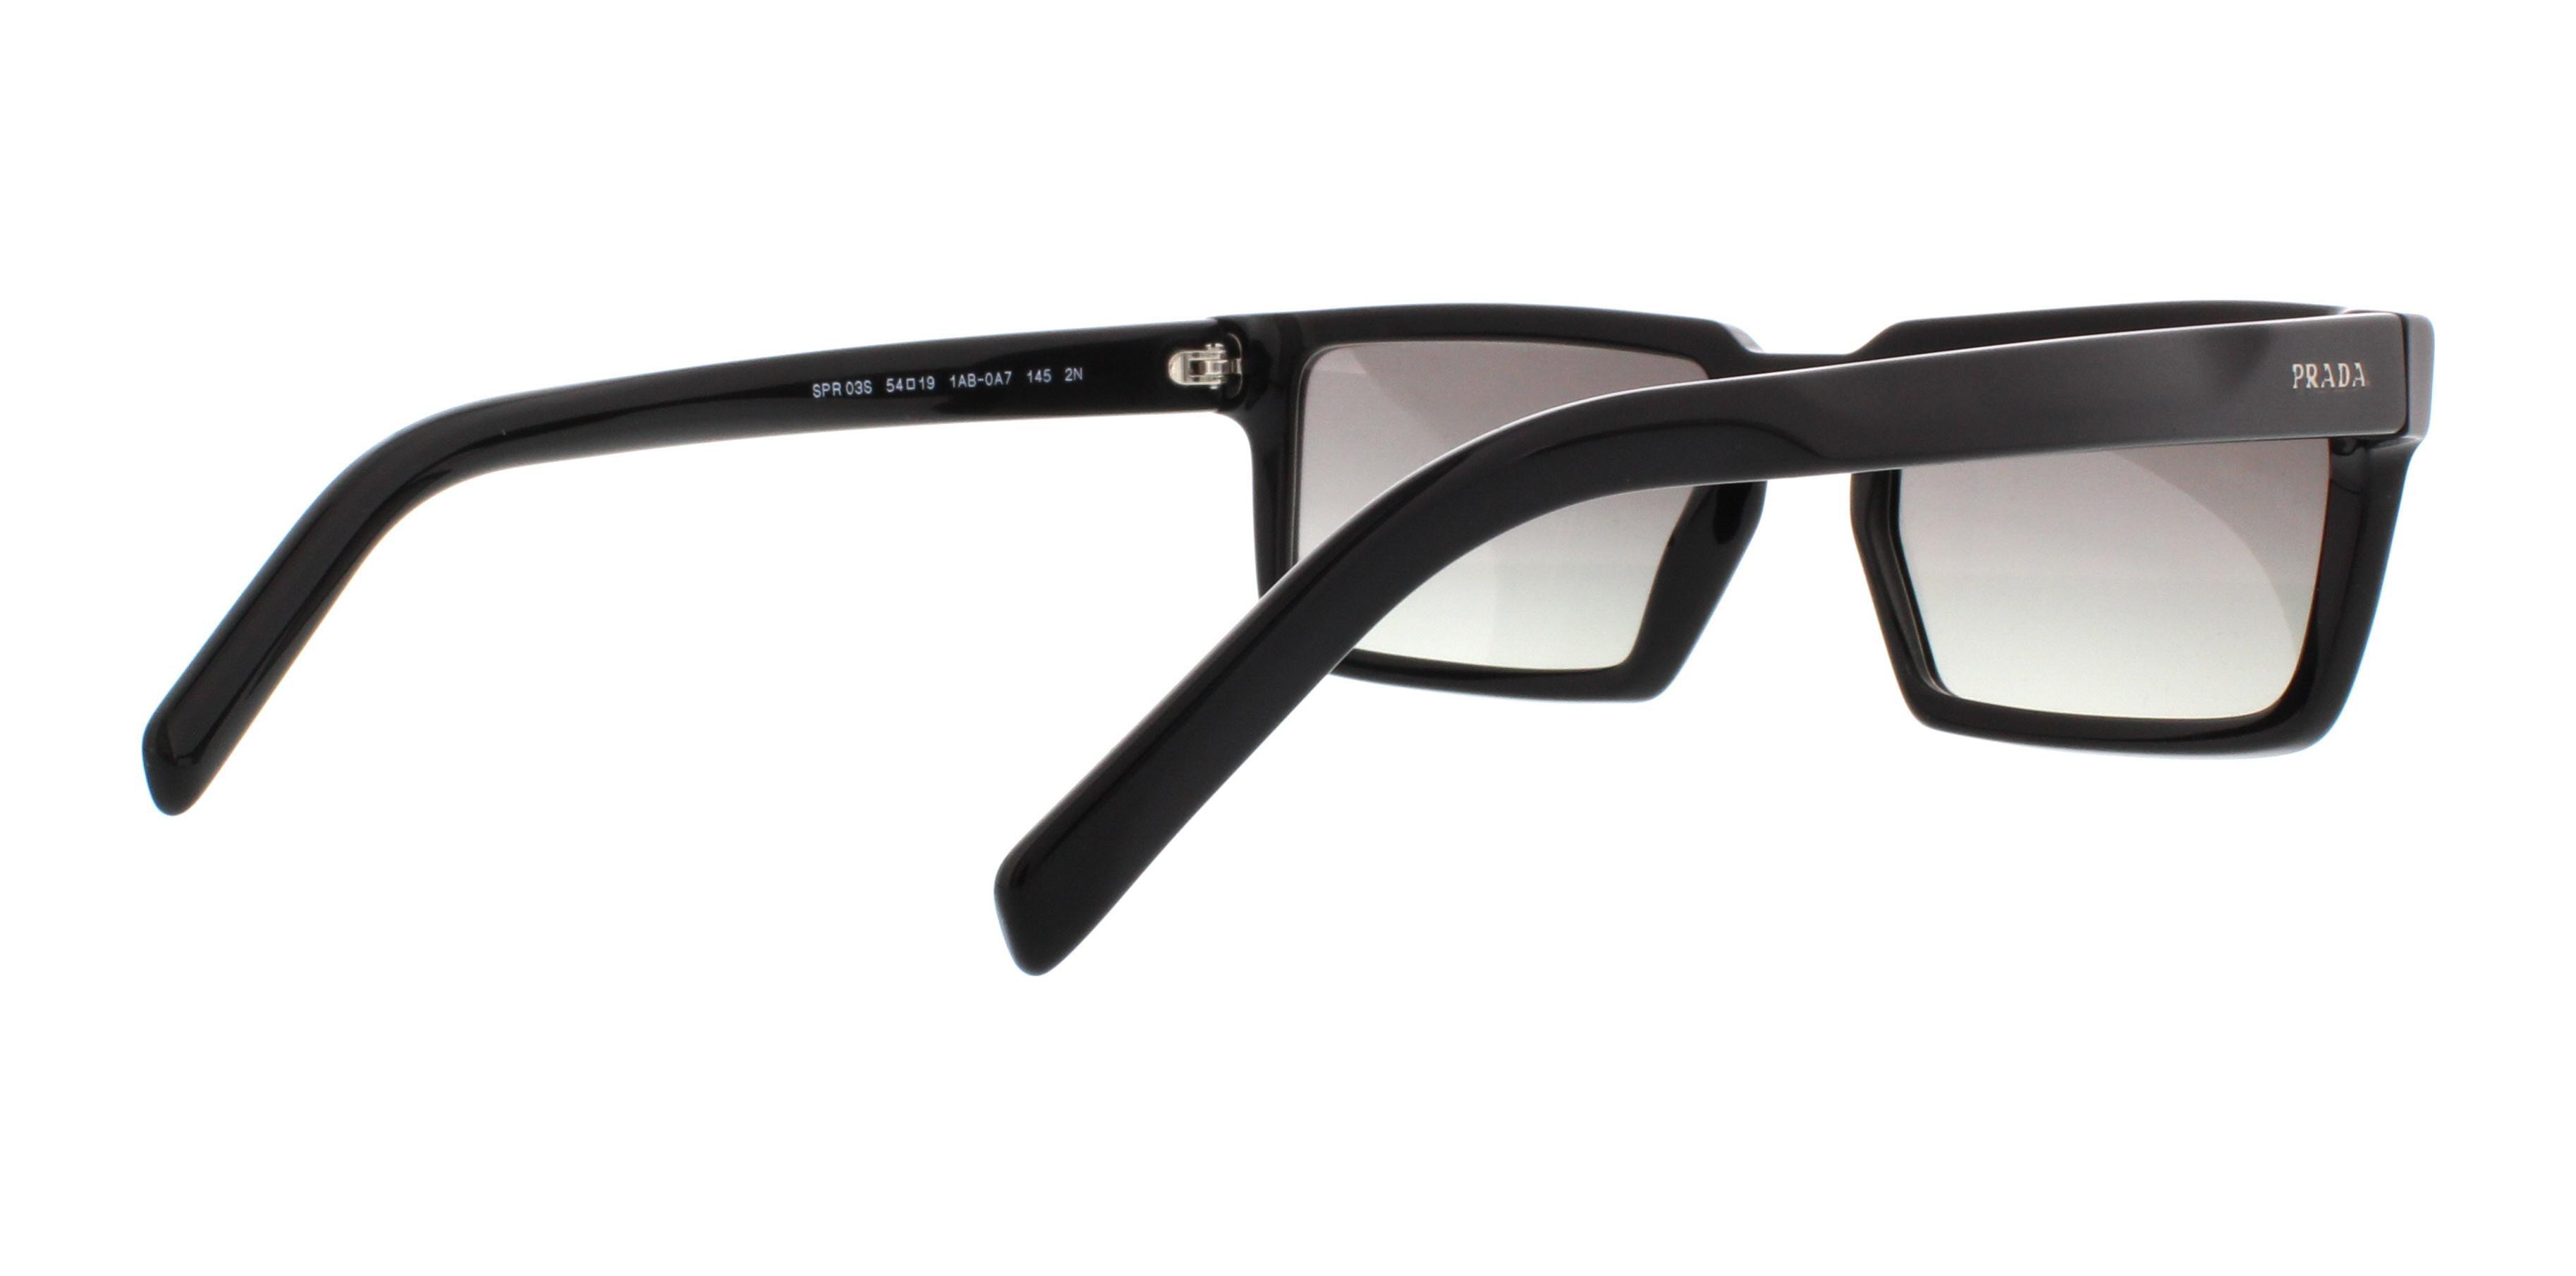 d2e80cf915f PRADA - PRADA Sunglasses PR 03SS 1AB0A7 Black 54MM - Walmart.com